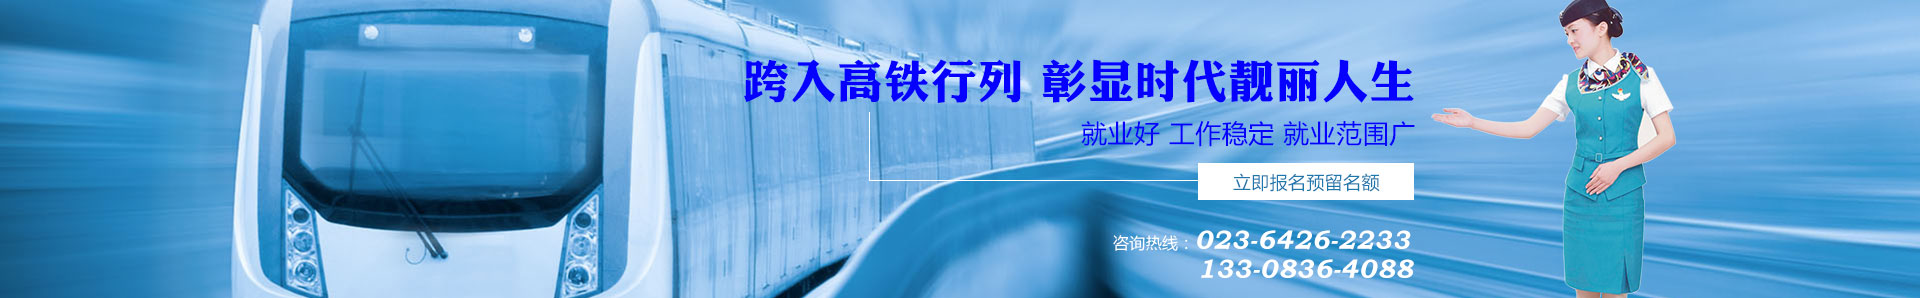 重庆轨道交通学校